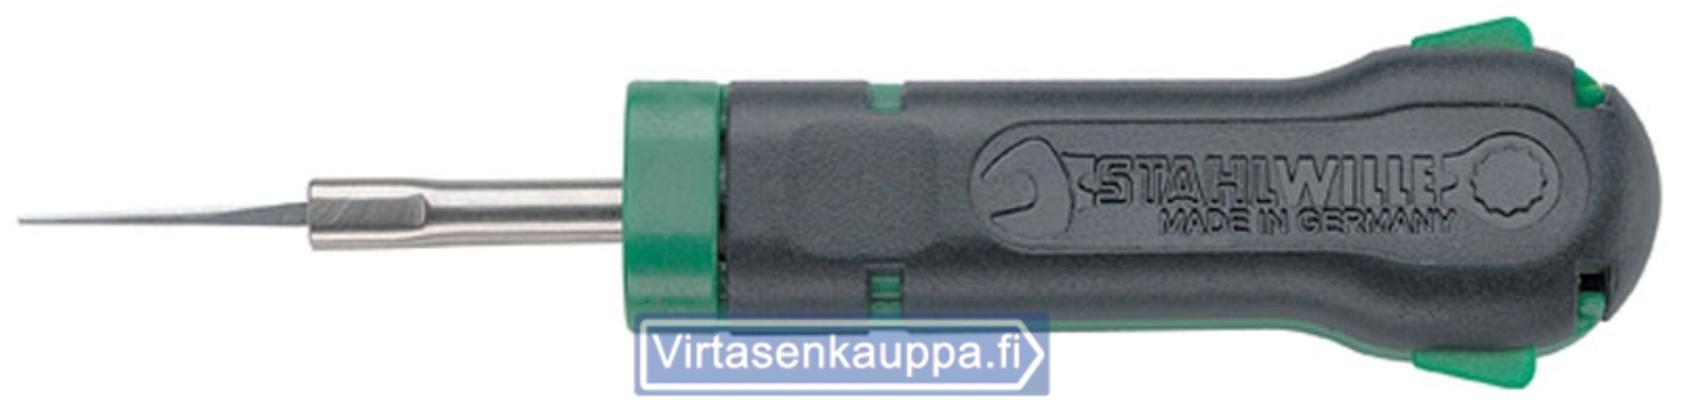 Kabelex® -irrotustyökalu 1574, Stahlwille - Kabelex® -irrotustyökalu 1574